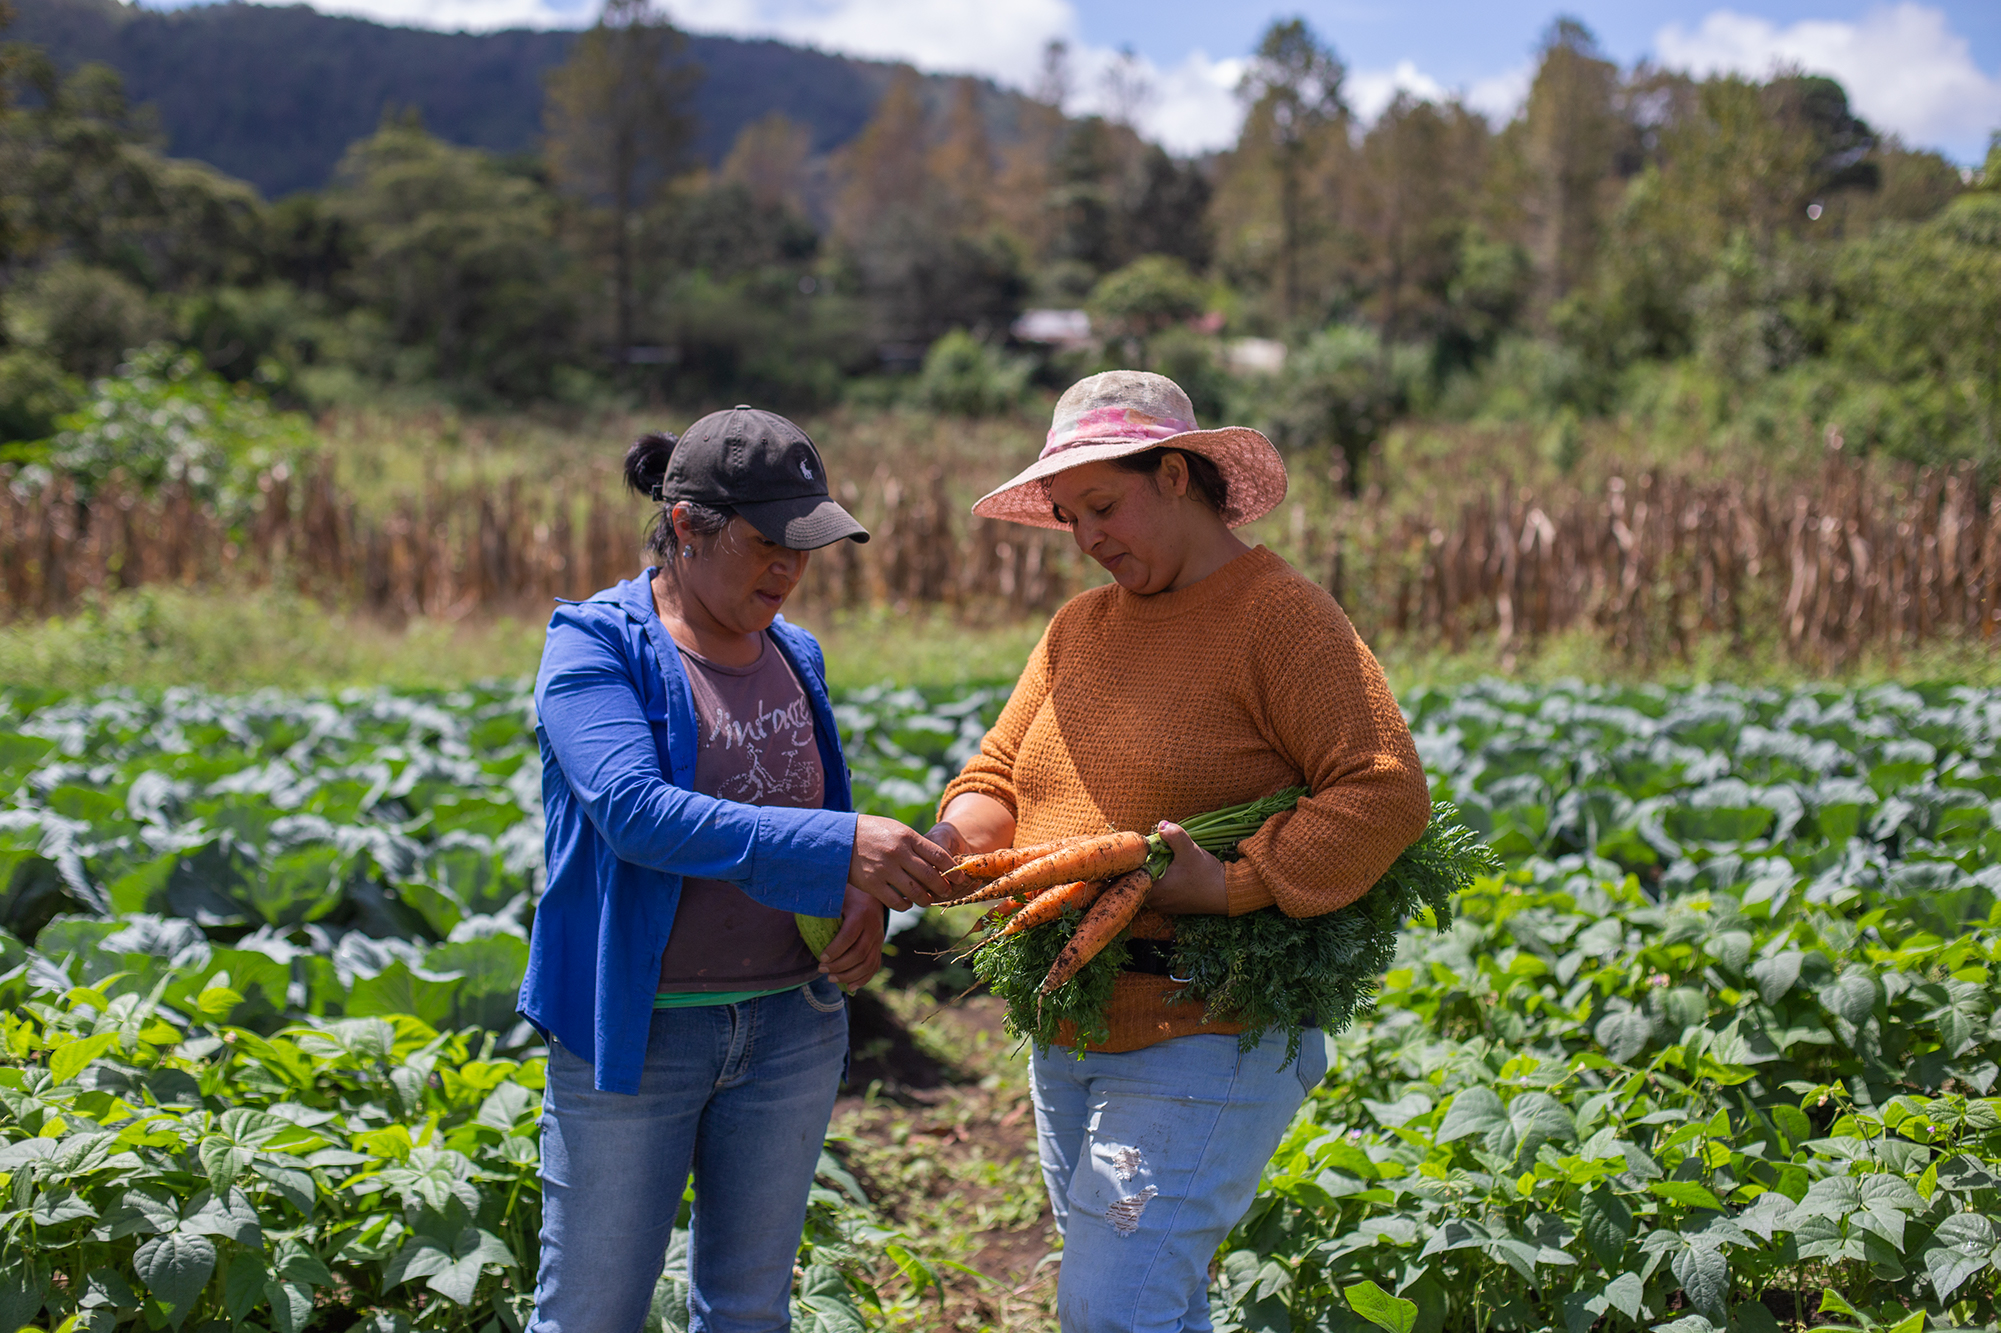 Elda y Dina revisan unas zanahorias que han cosechado en su hortaliza. Chinacla, La Paz, 20 de octubre de 2020. Foto: Martín Cálix.